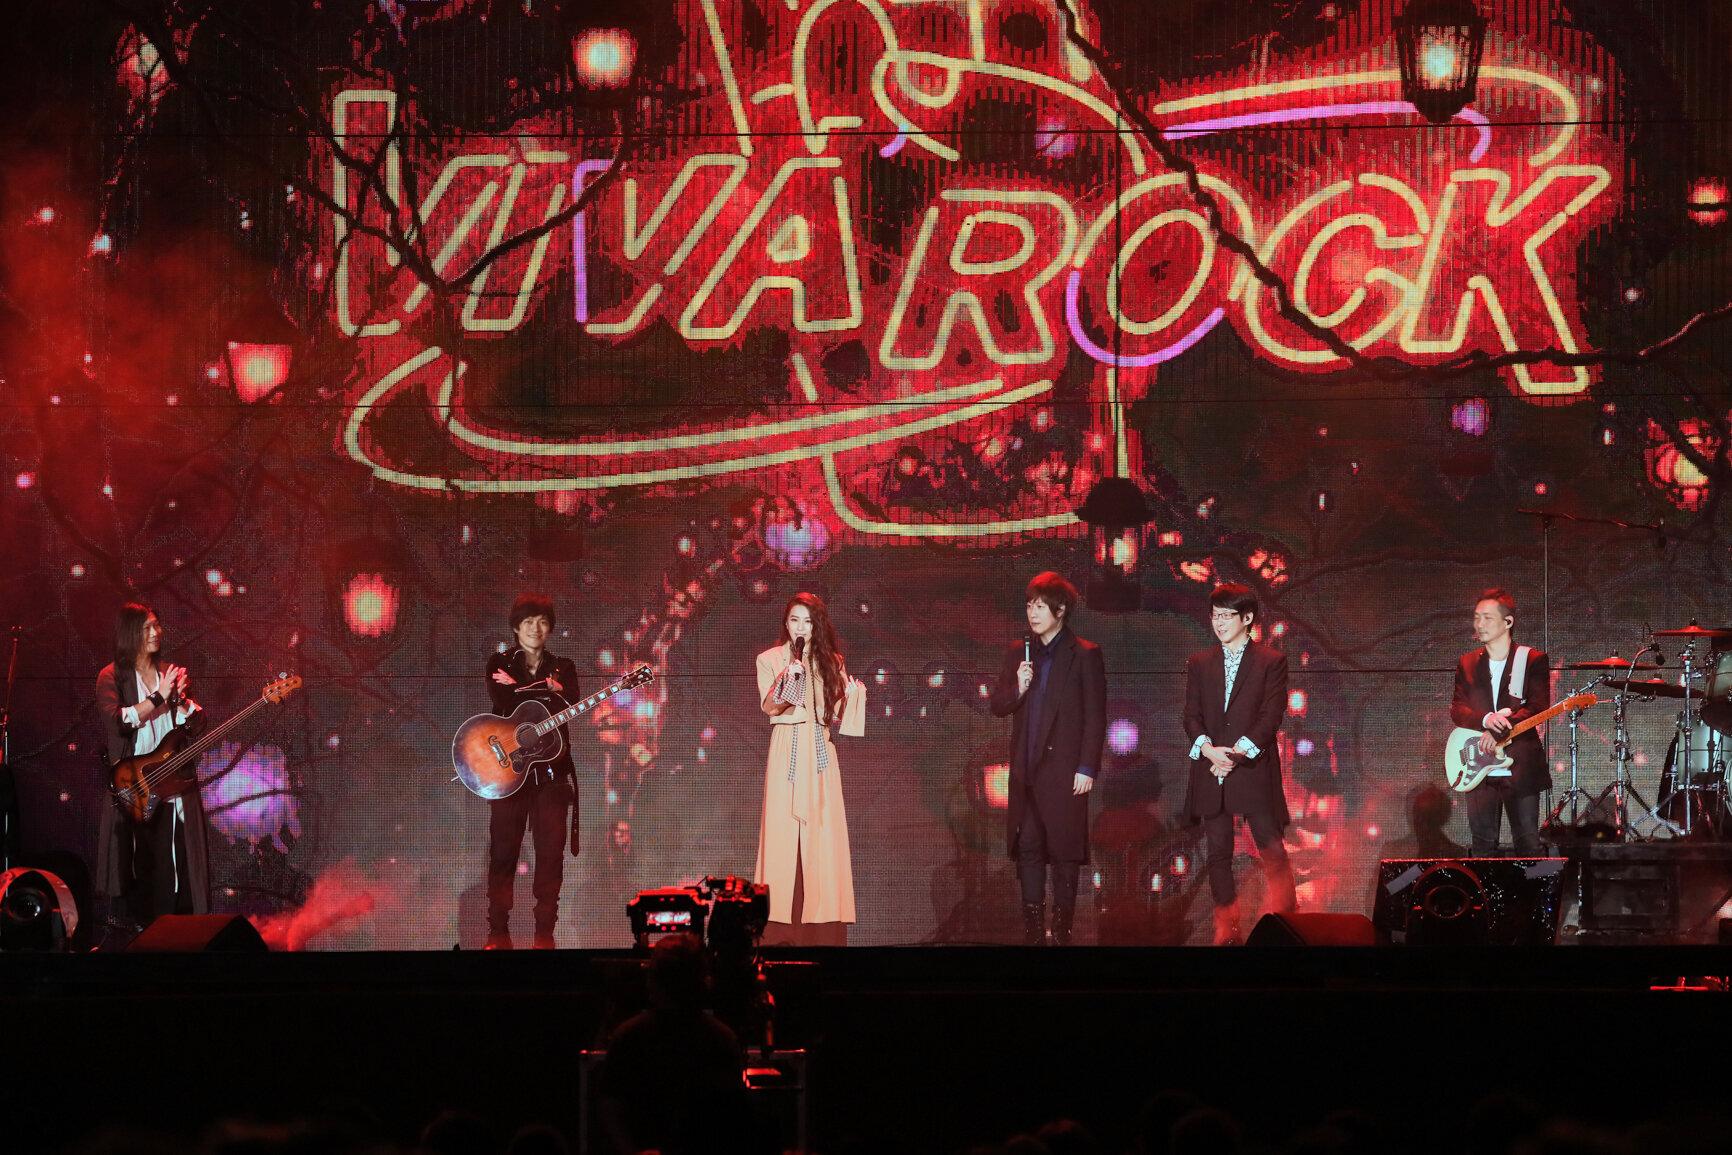 田馥甄担任五月天演唱会嘉宾同台飙唱,台中歌迷真的超幸福!